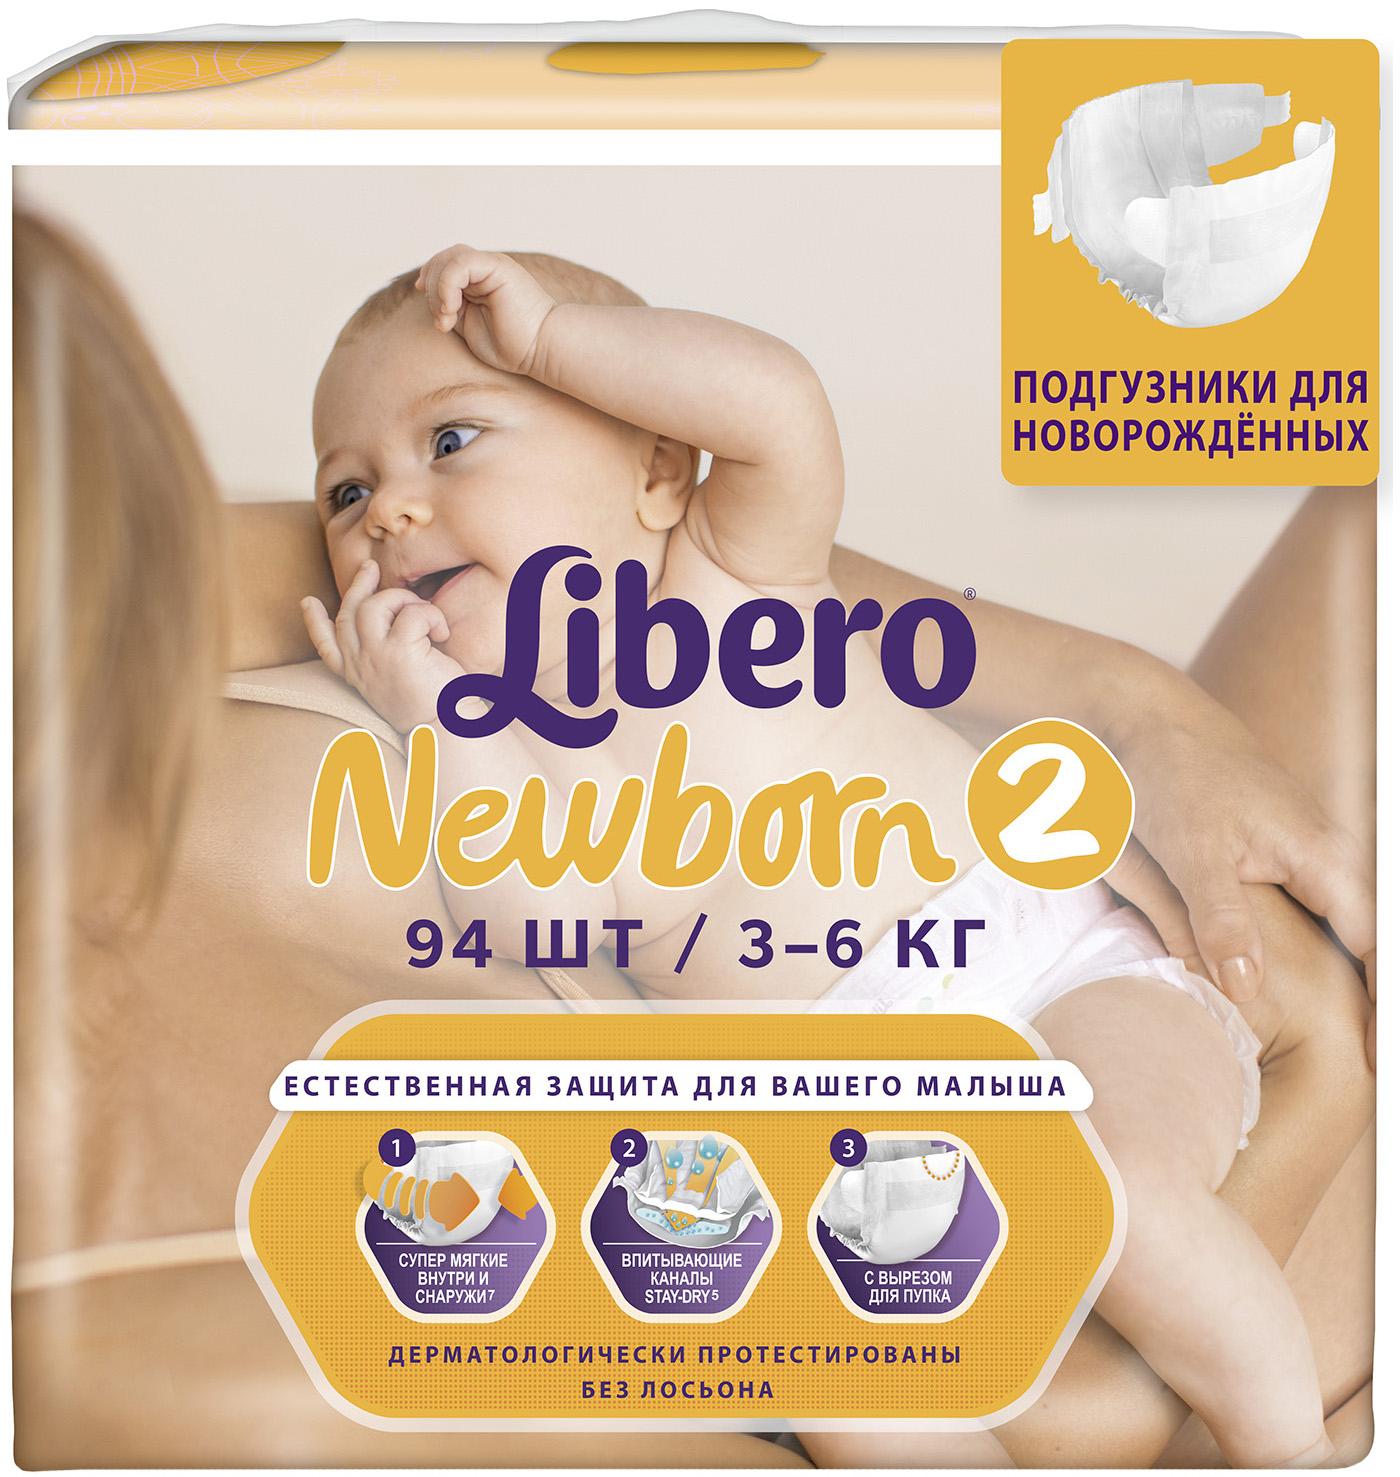 Подгузники для малышей Libero Newborn 2 (3-6 кг) 94 шт. подгузники libero подгузники baby soft newborn 3 6 кг 94 шт